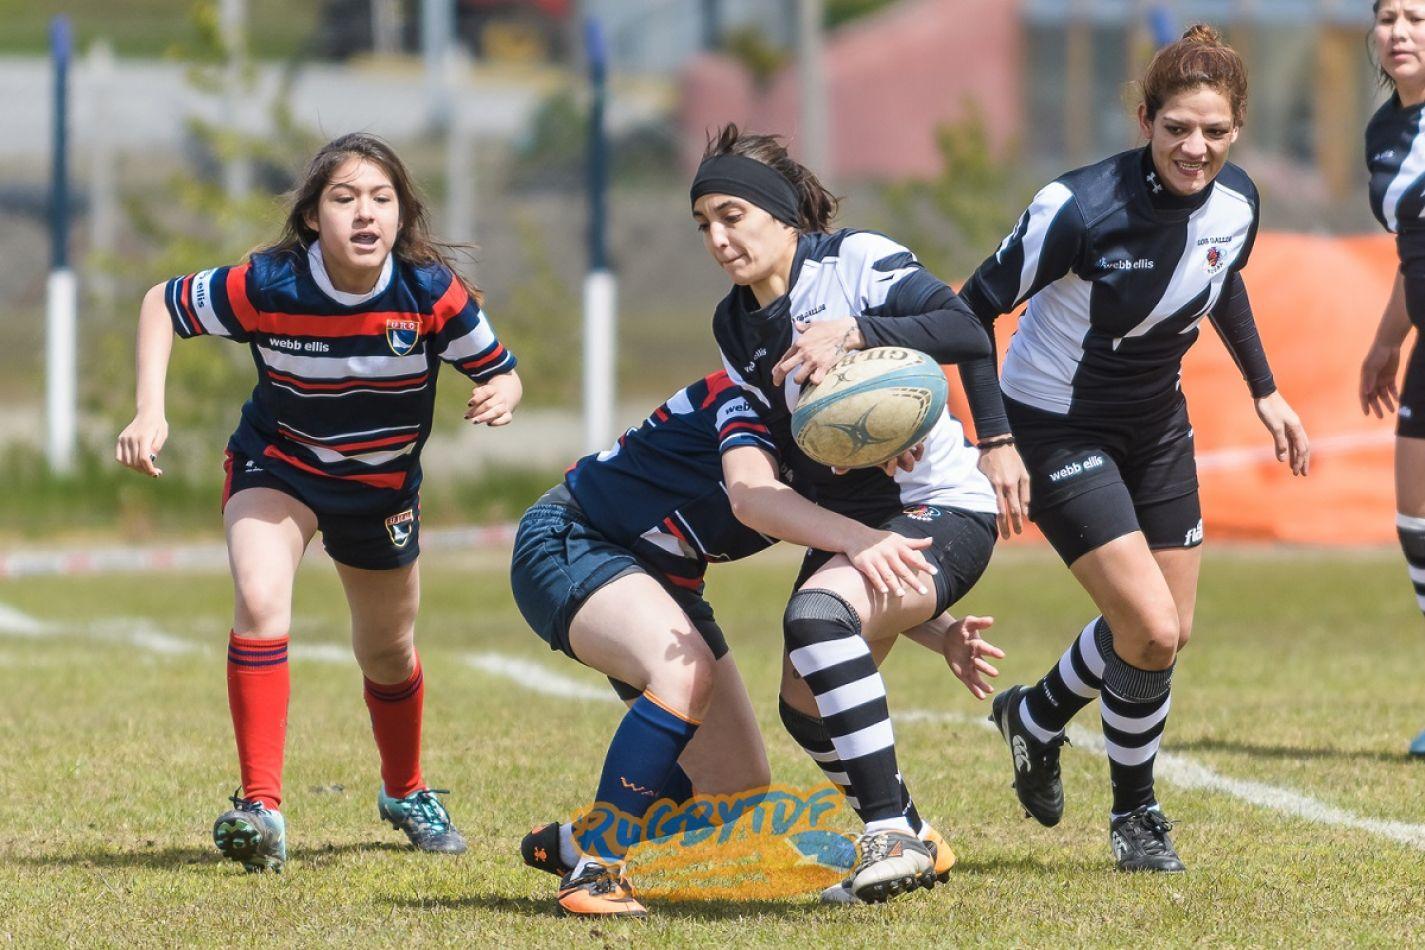 Buscan conformar un plantel femenino de rugby